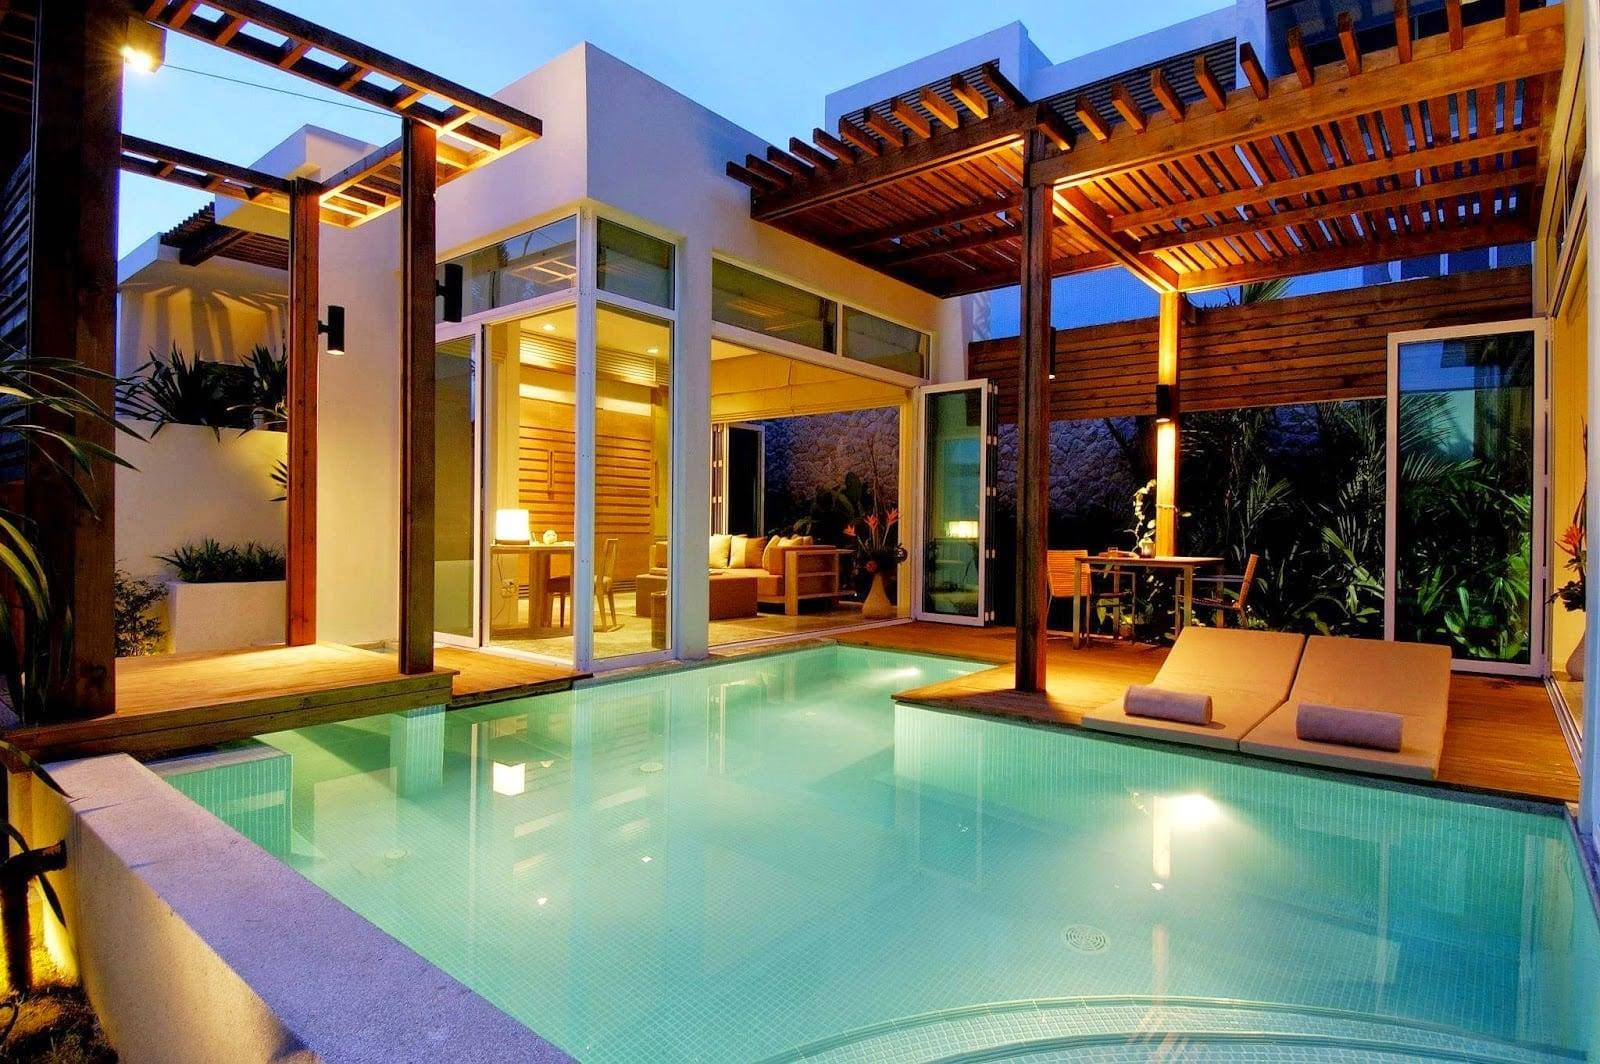 Kemewahan Desain Rumah Mewah Dgn Kolam Renang 68 Desain Dekorasi Mebel Rumah oleh Desain Rumah Mewah Dgn Kolam Renang